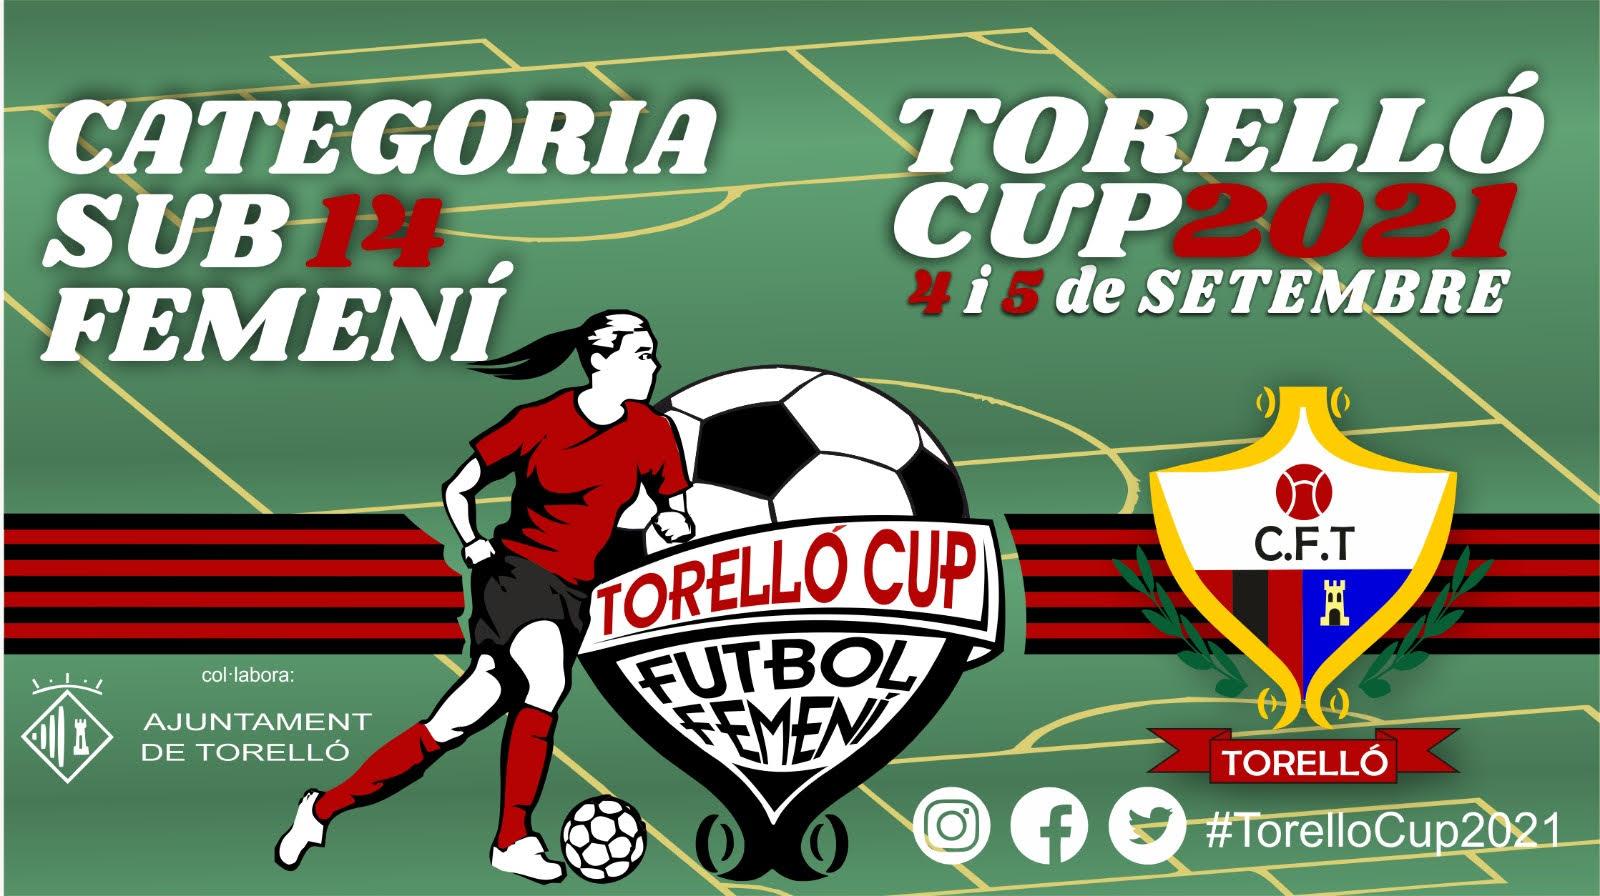 #TorelloCup2021_EL CÓRNER_FOTOS_ HI HAN ELS EQUIPS PARTICIPANTS DE  L